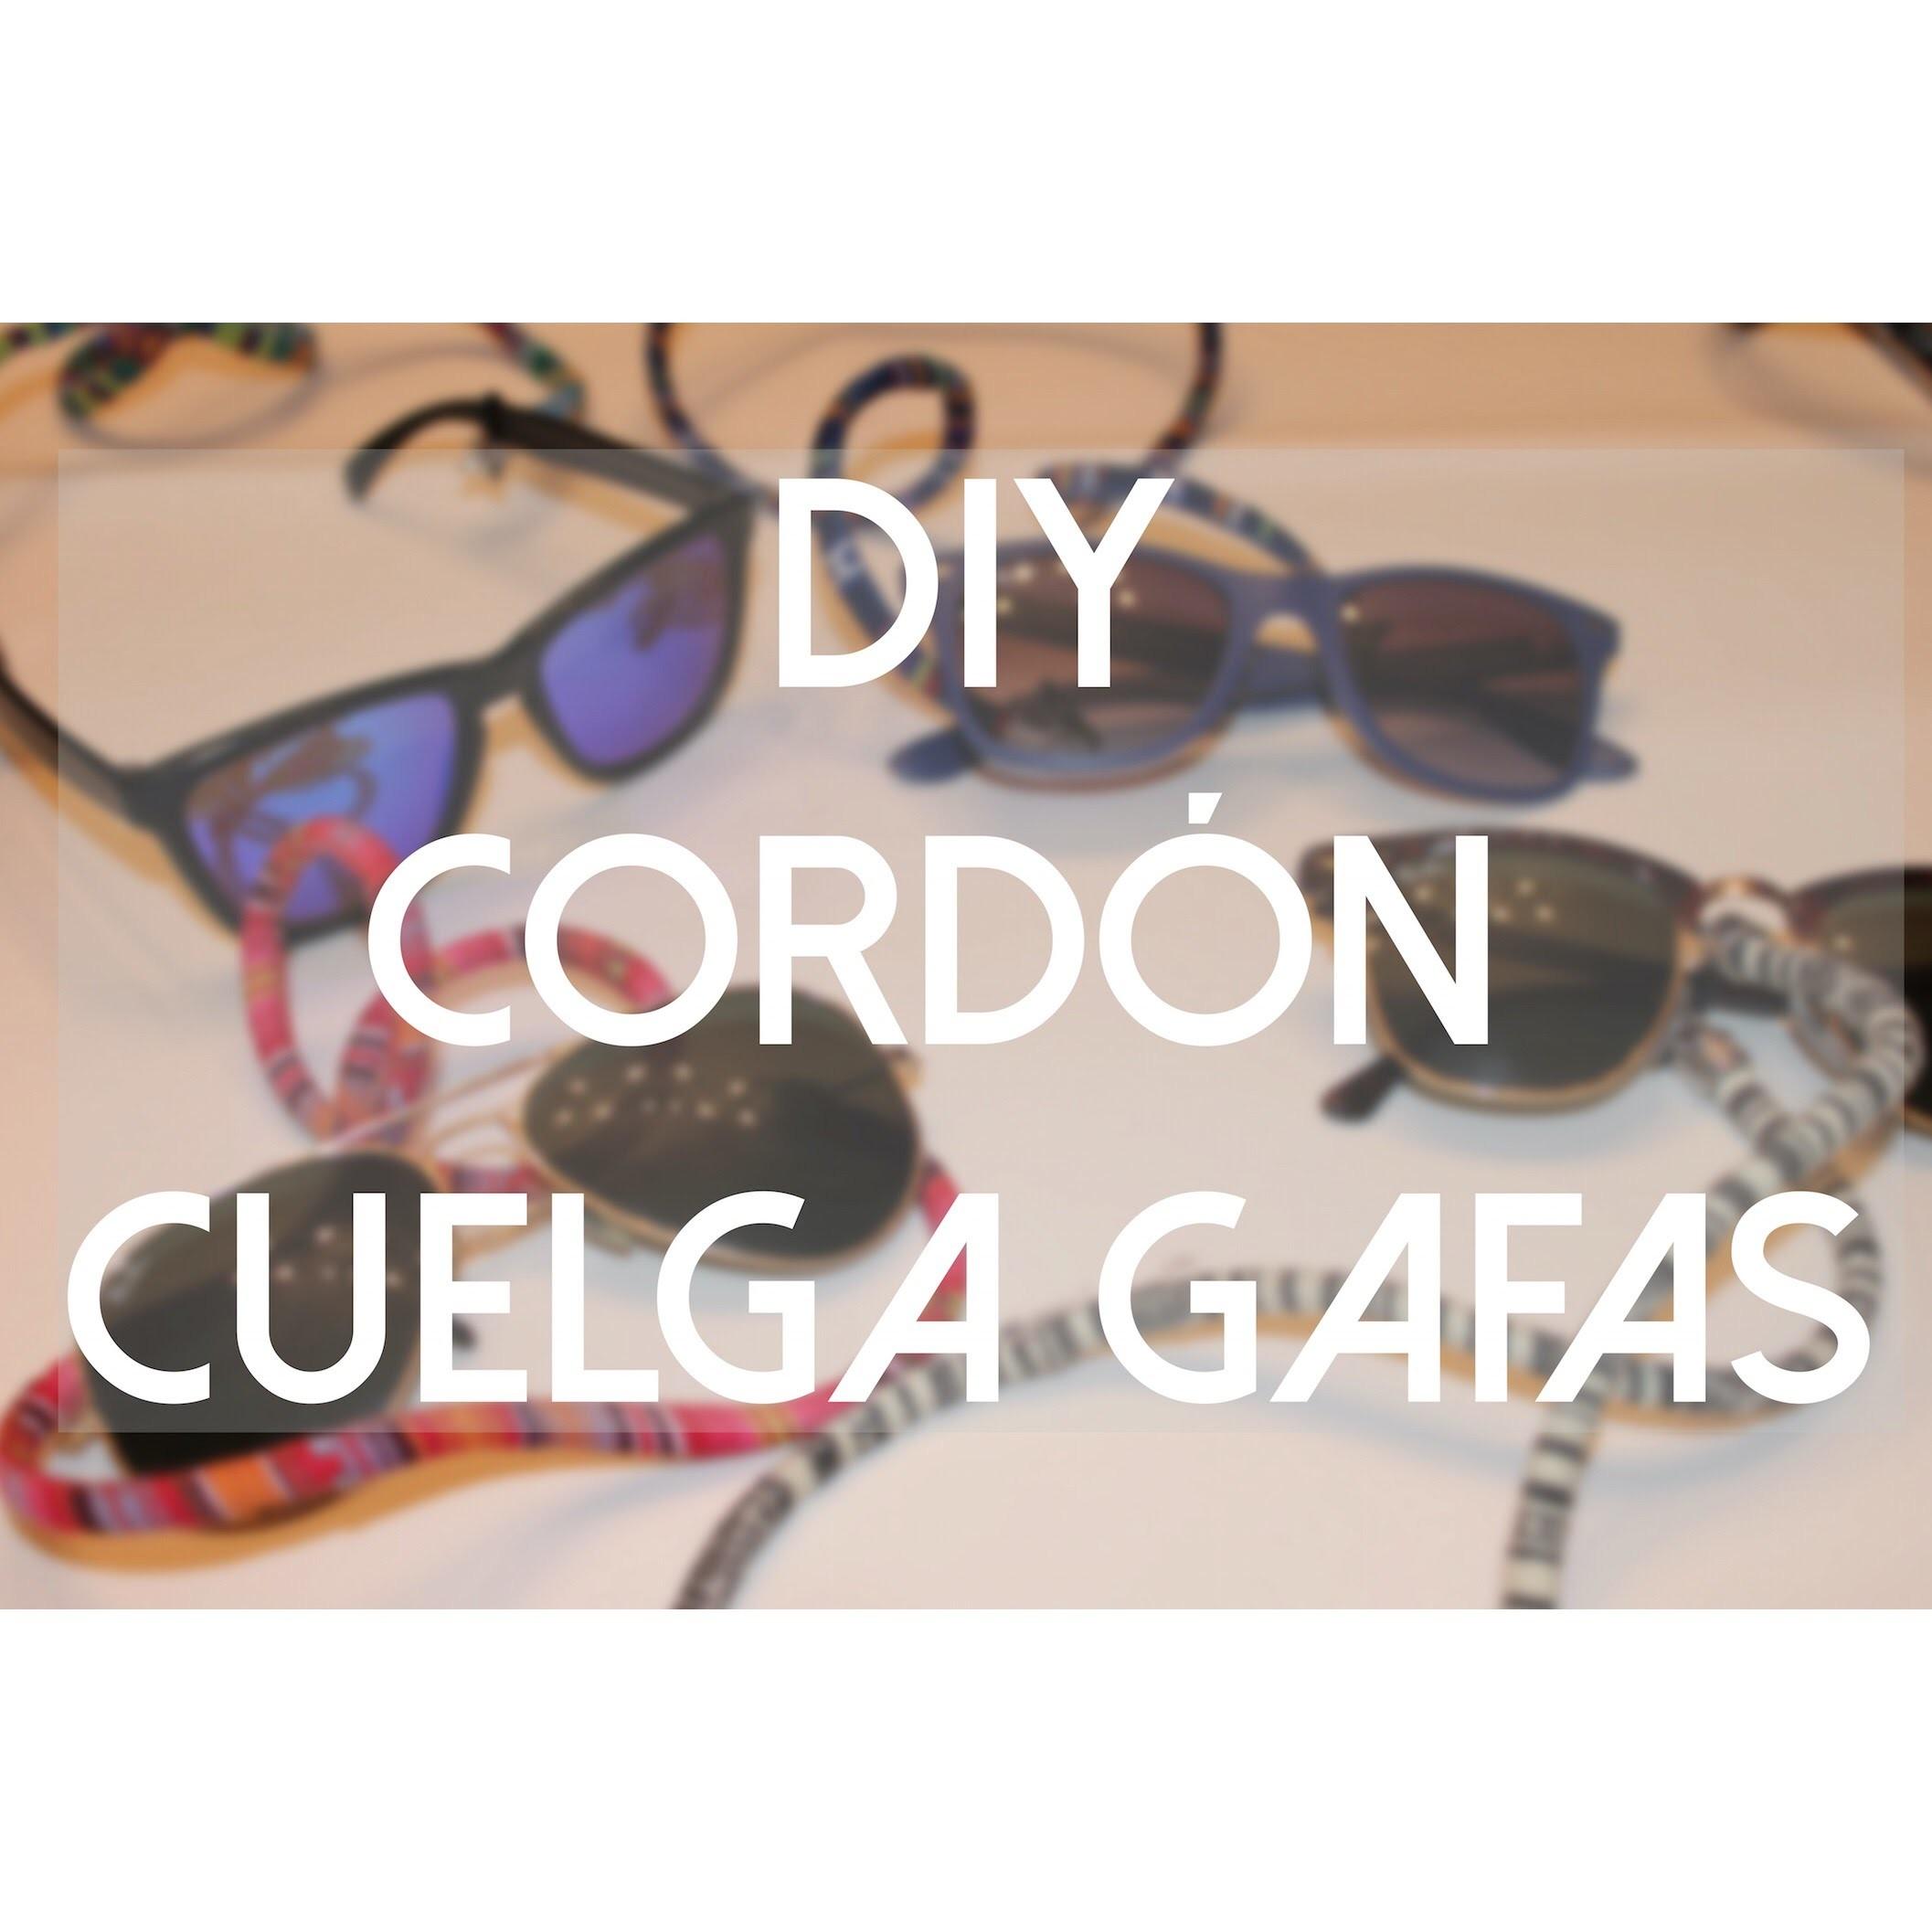 DIY - Cordón cuelga gafas | LA ÚLTIMA PERCHA